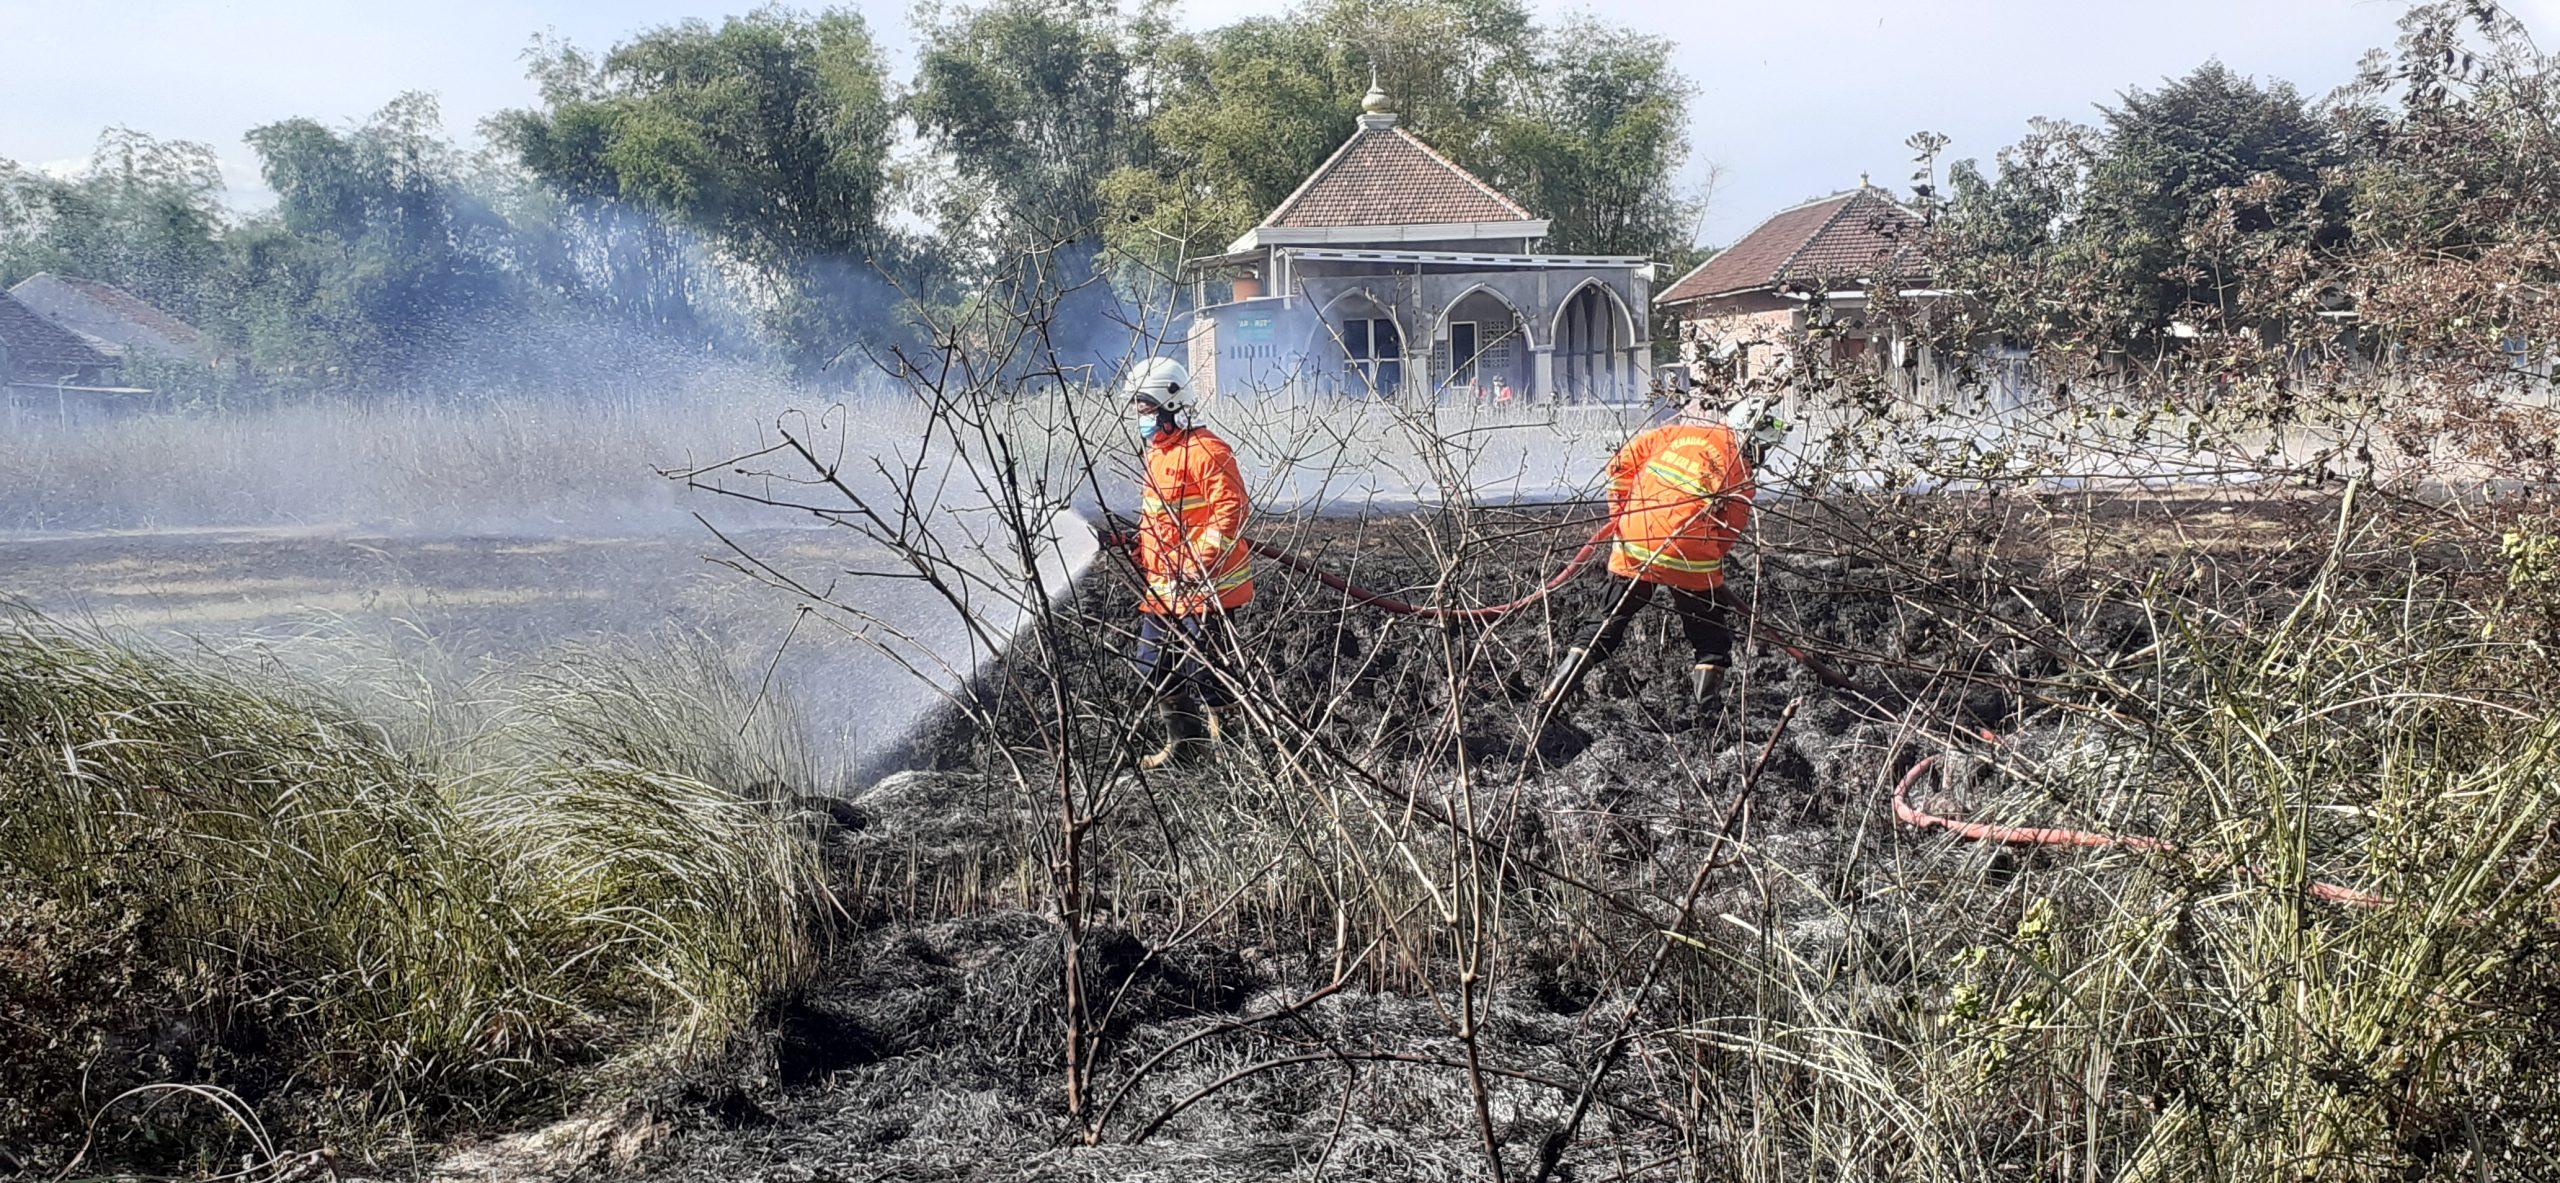 Kebakaran, alang-alang, dua hektar,